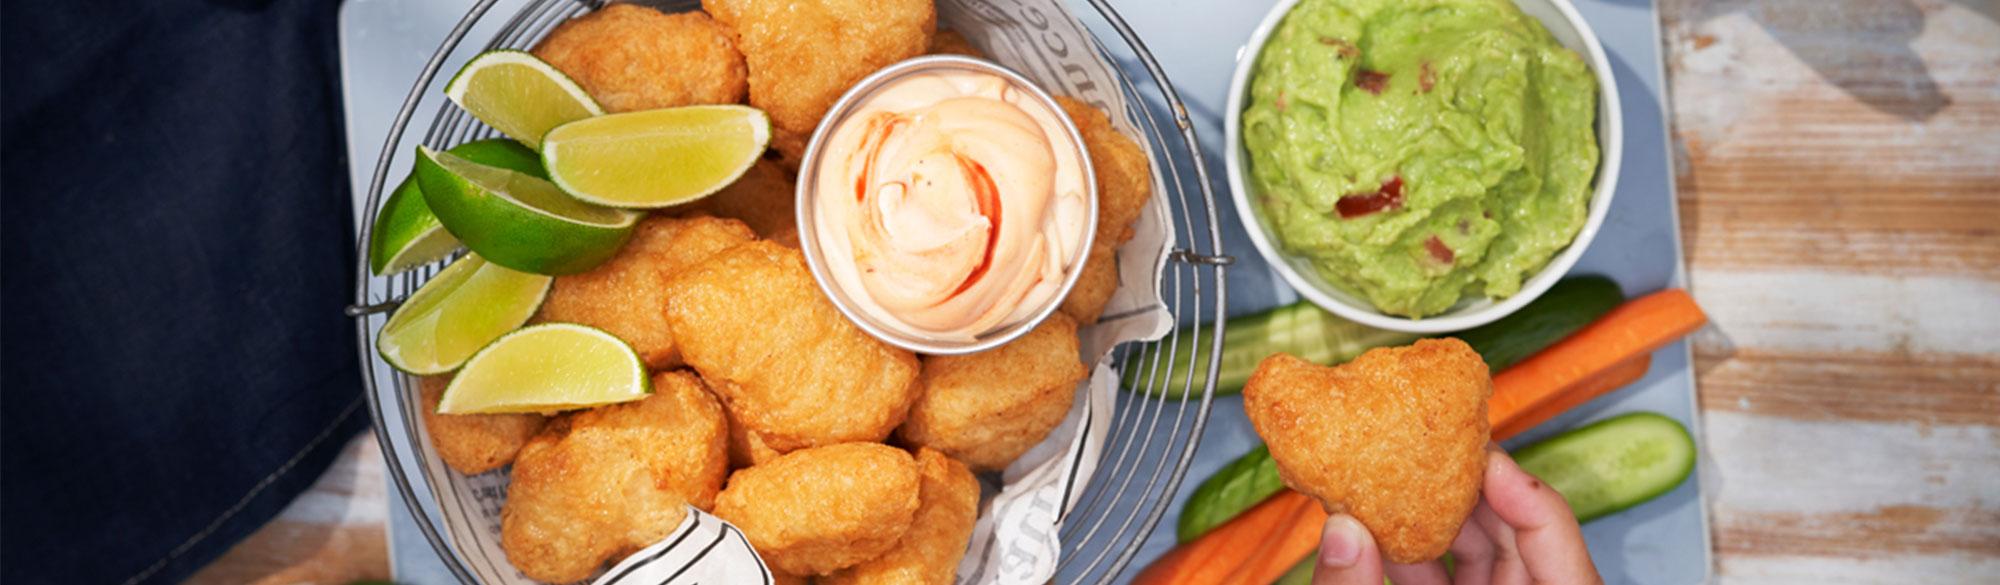 Fish Nuggest med grönsakstavar och dippor